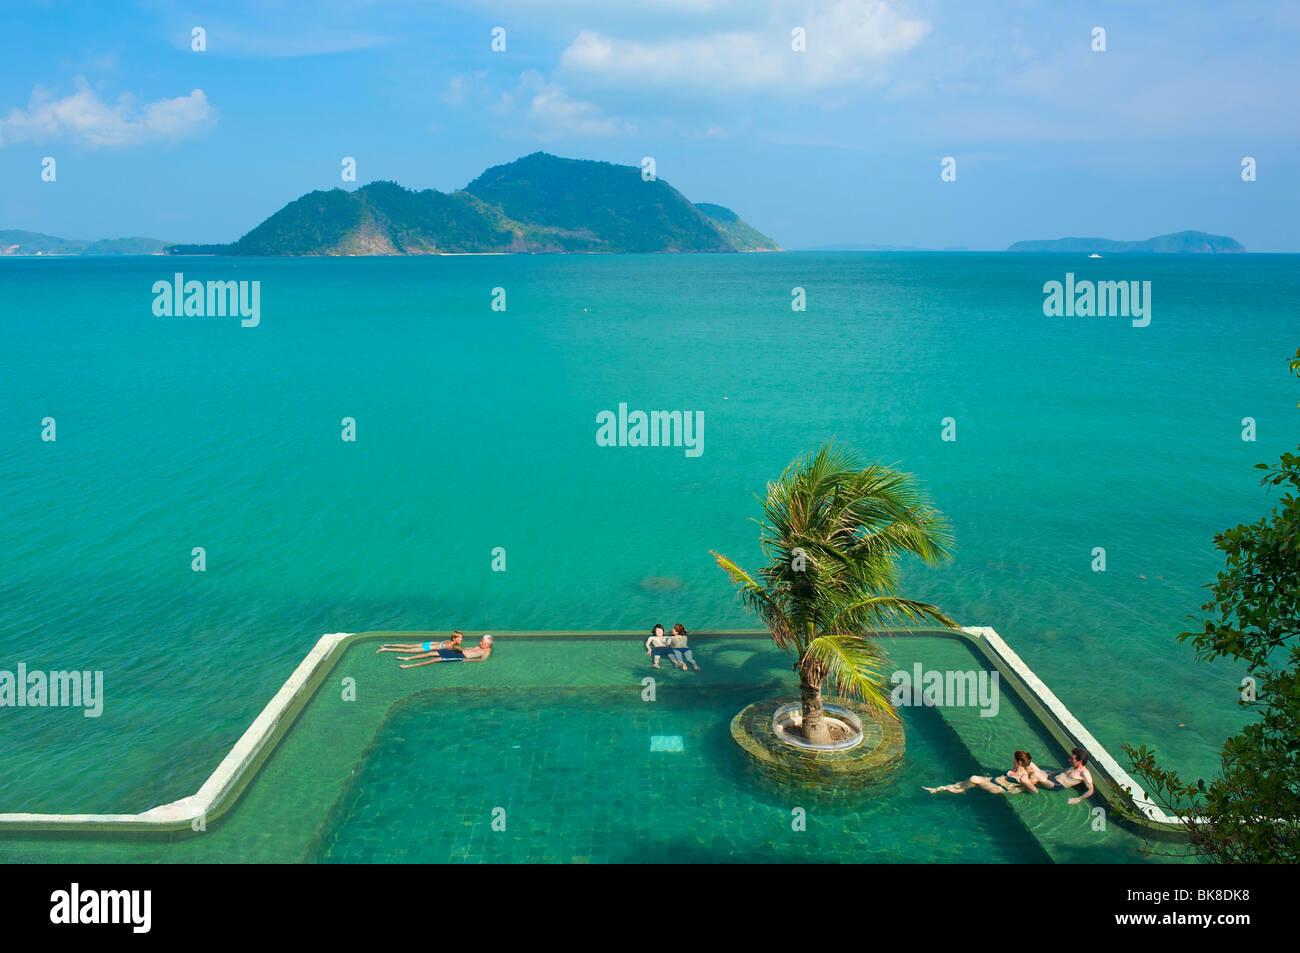 Hôtel Evason, piscine, l'île de Phuket, Thaïlande, Asie Photo Stock